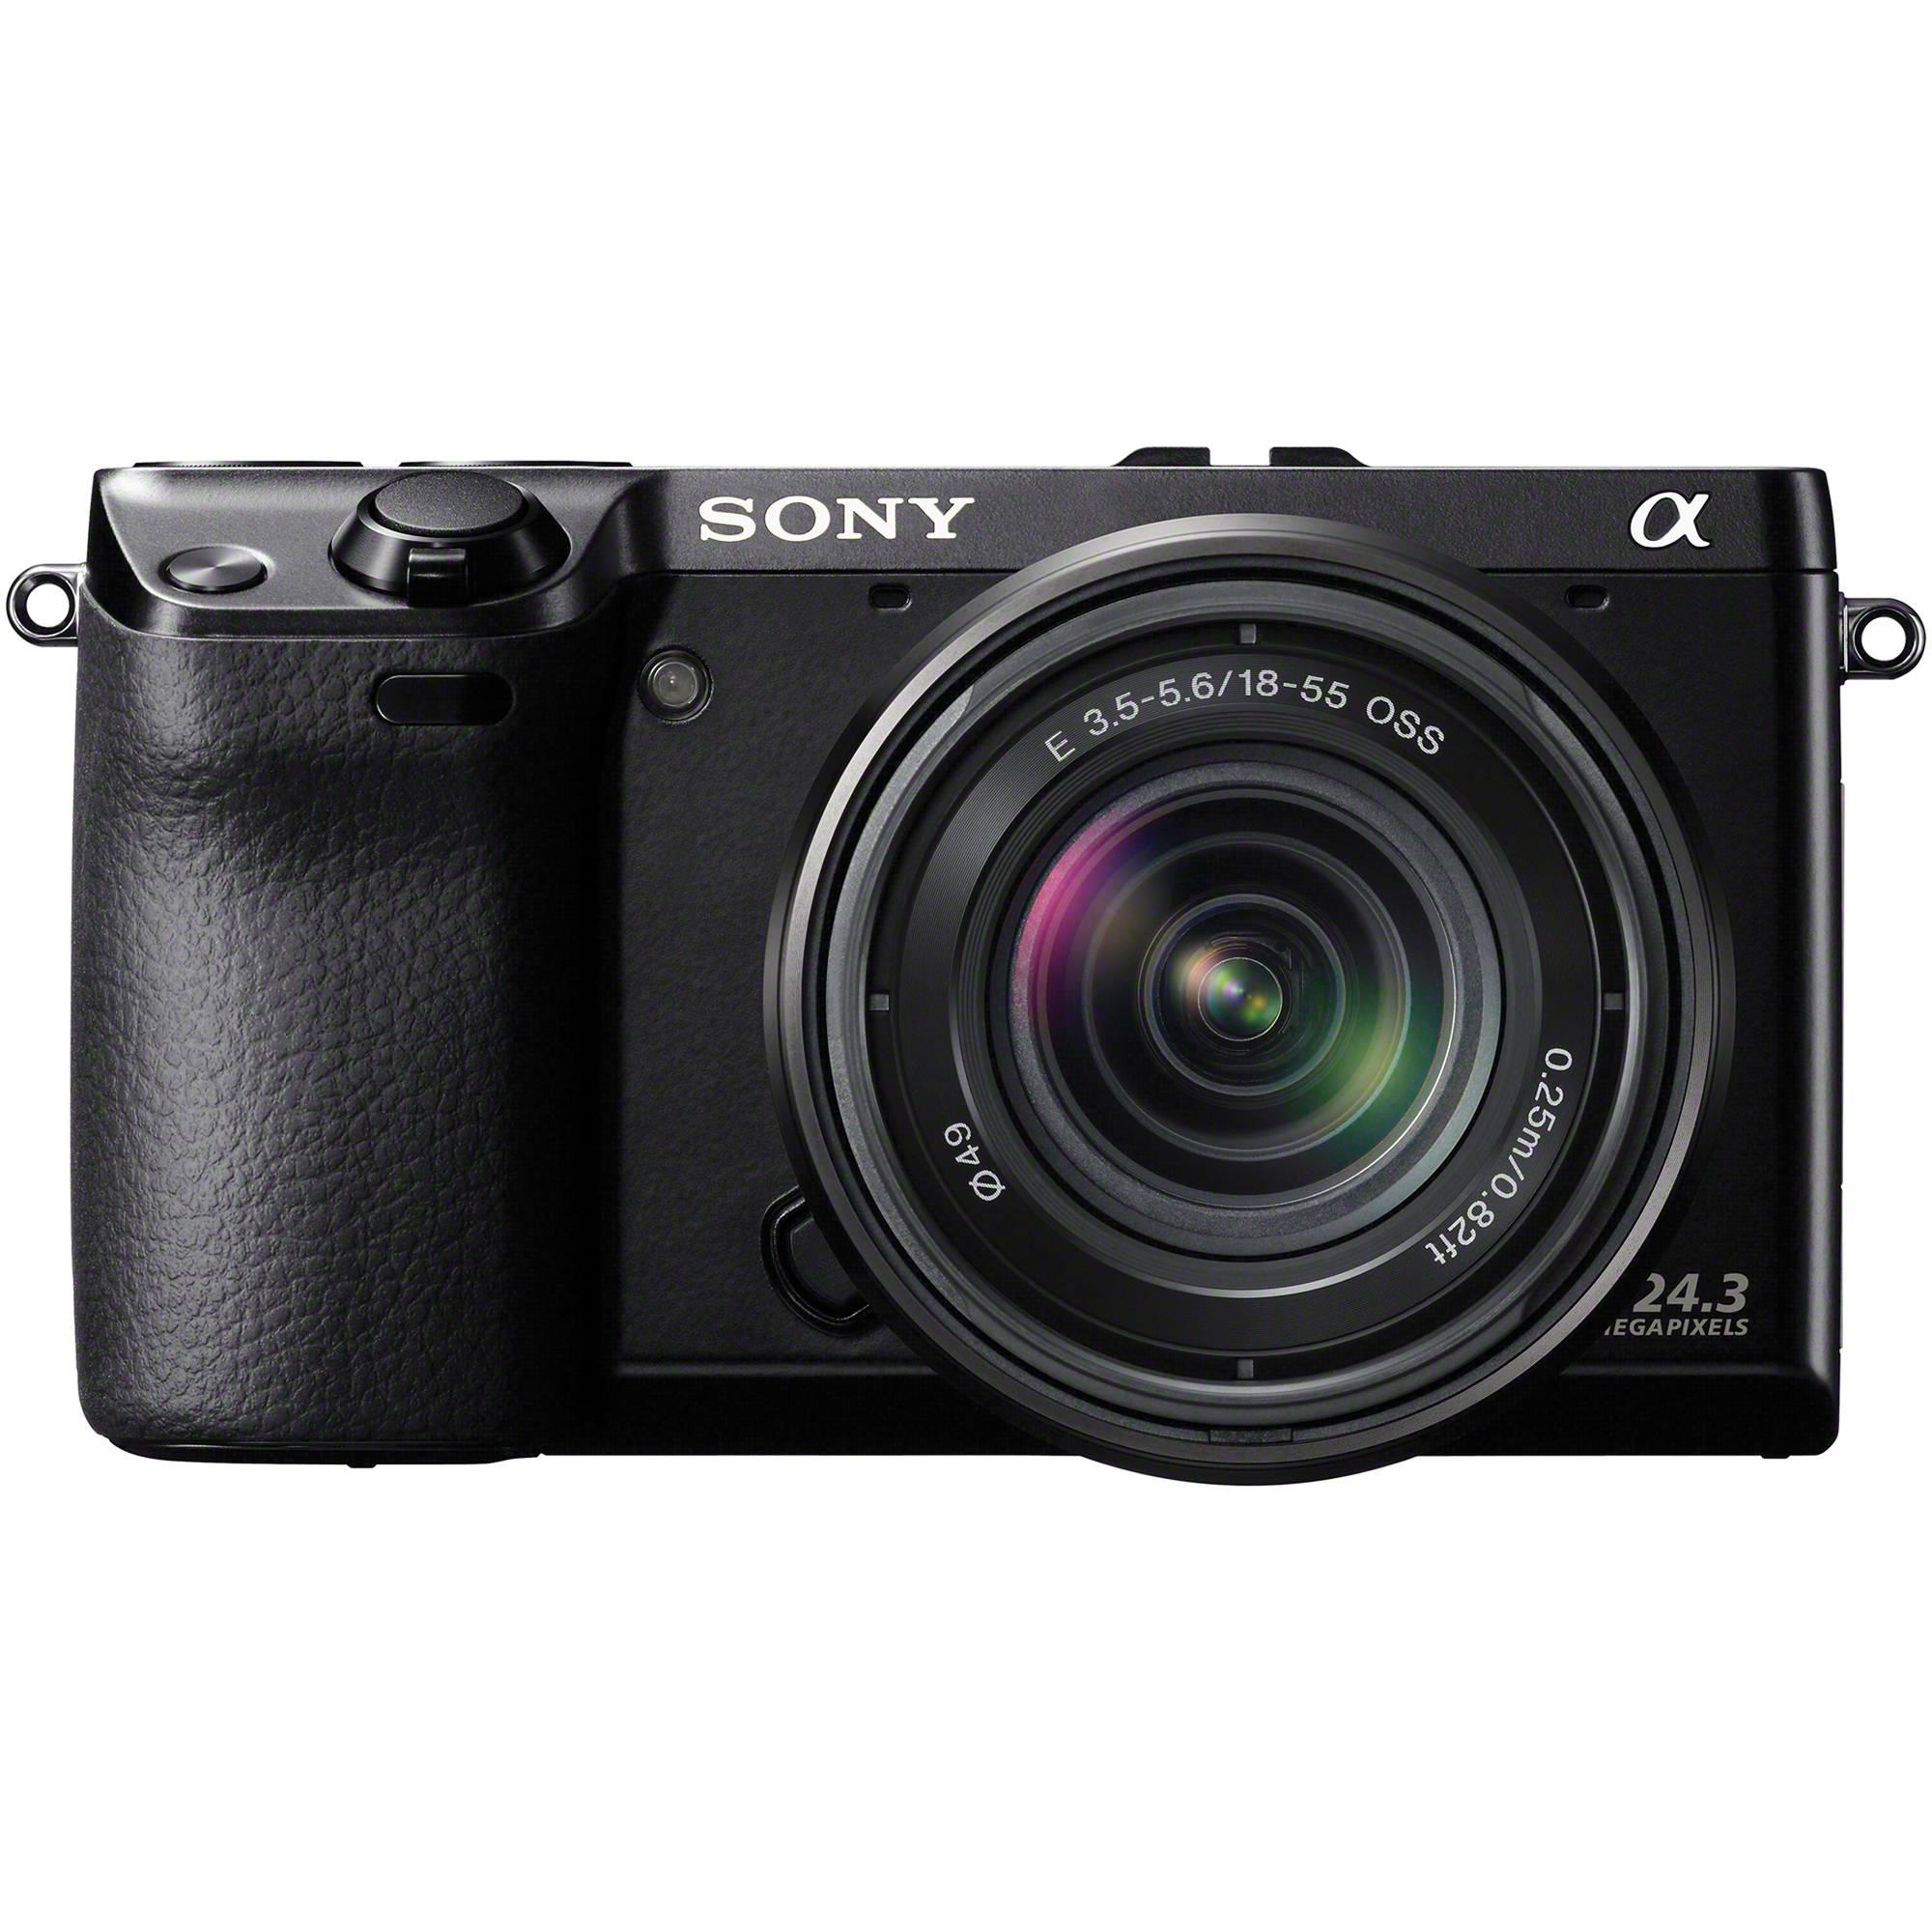 sony alpha nex 7 digital camera with 18 55mm lens black. Black Bedroom Furniture Sets. Home Design Ideas